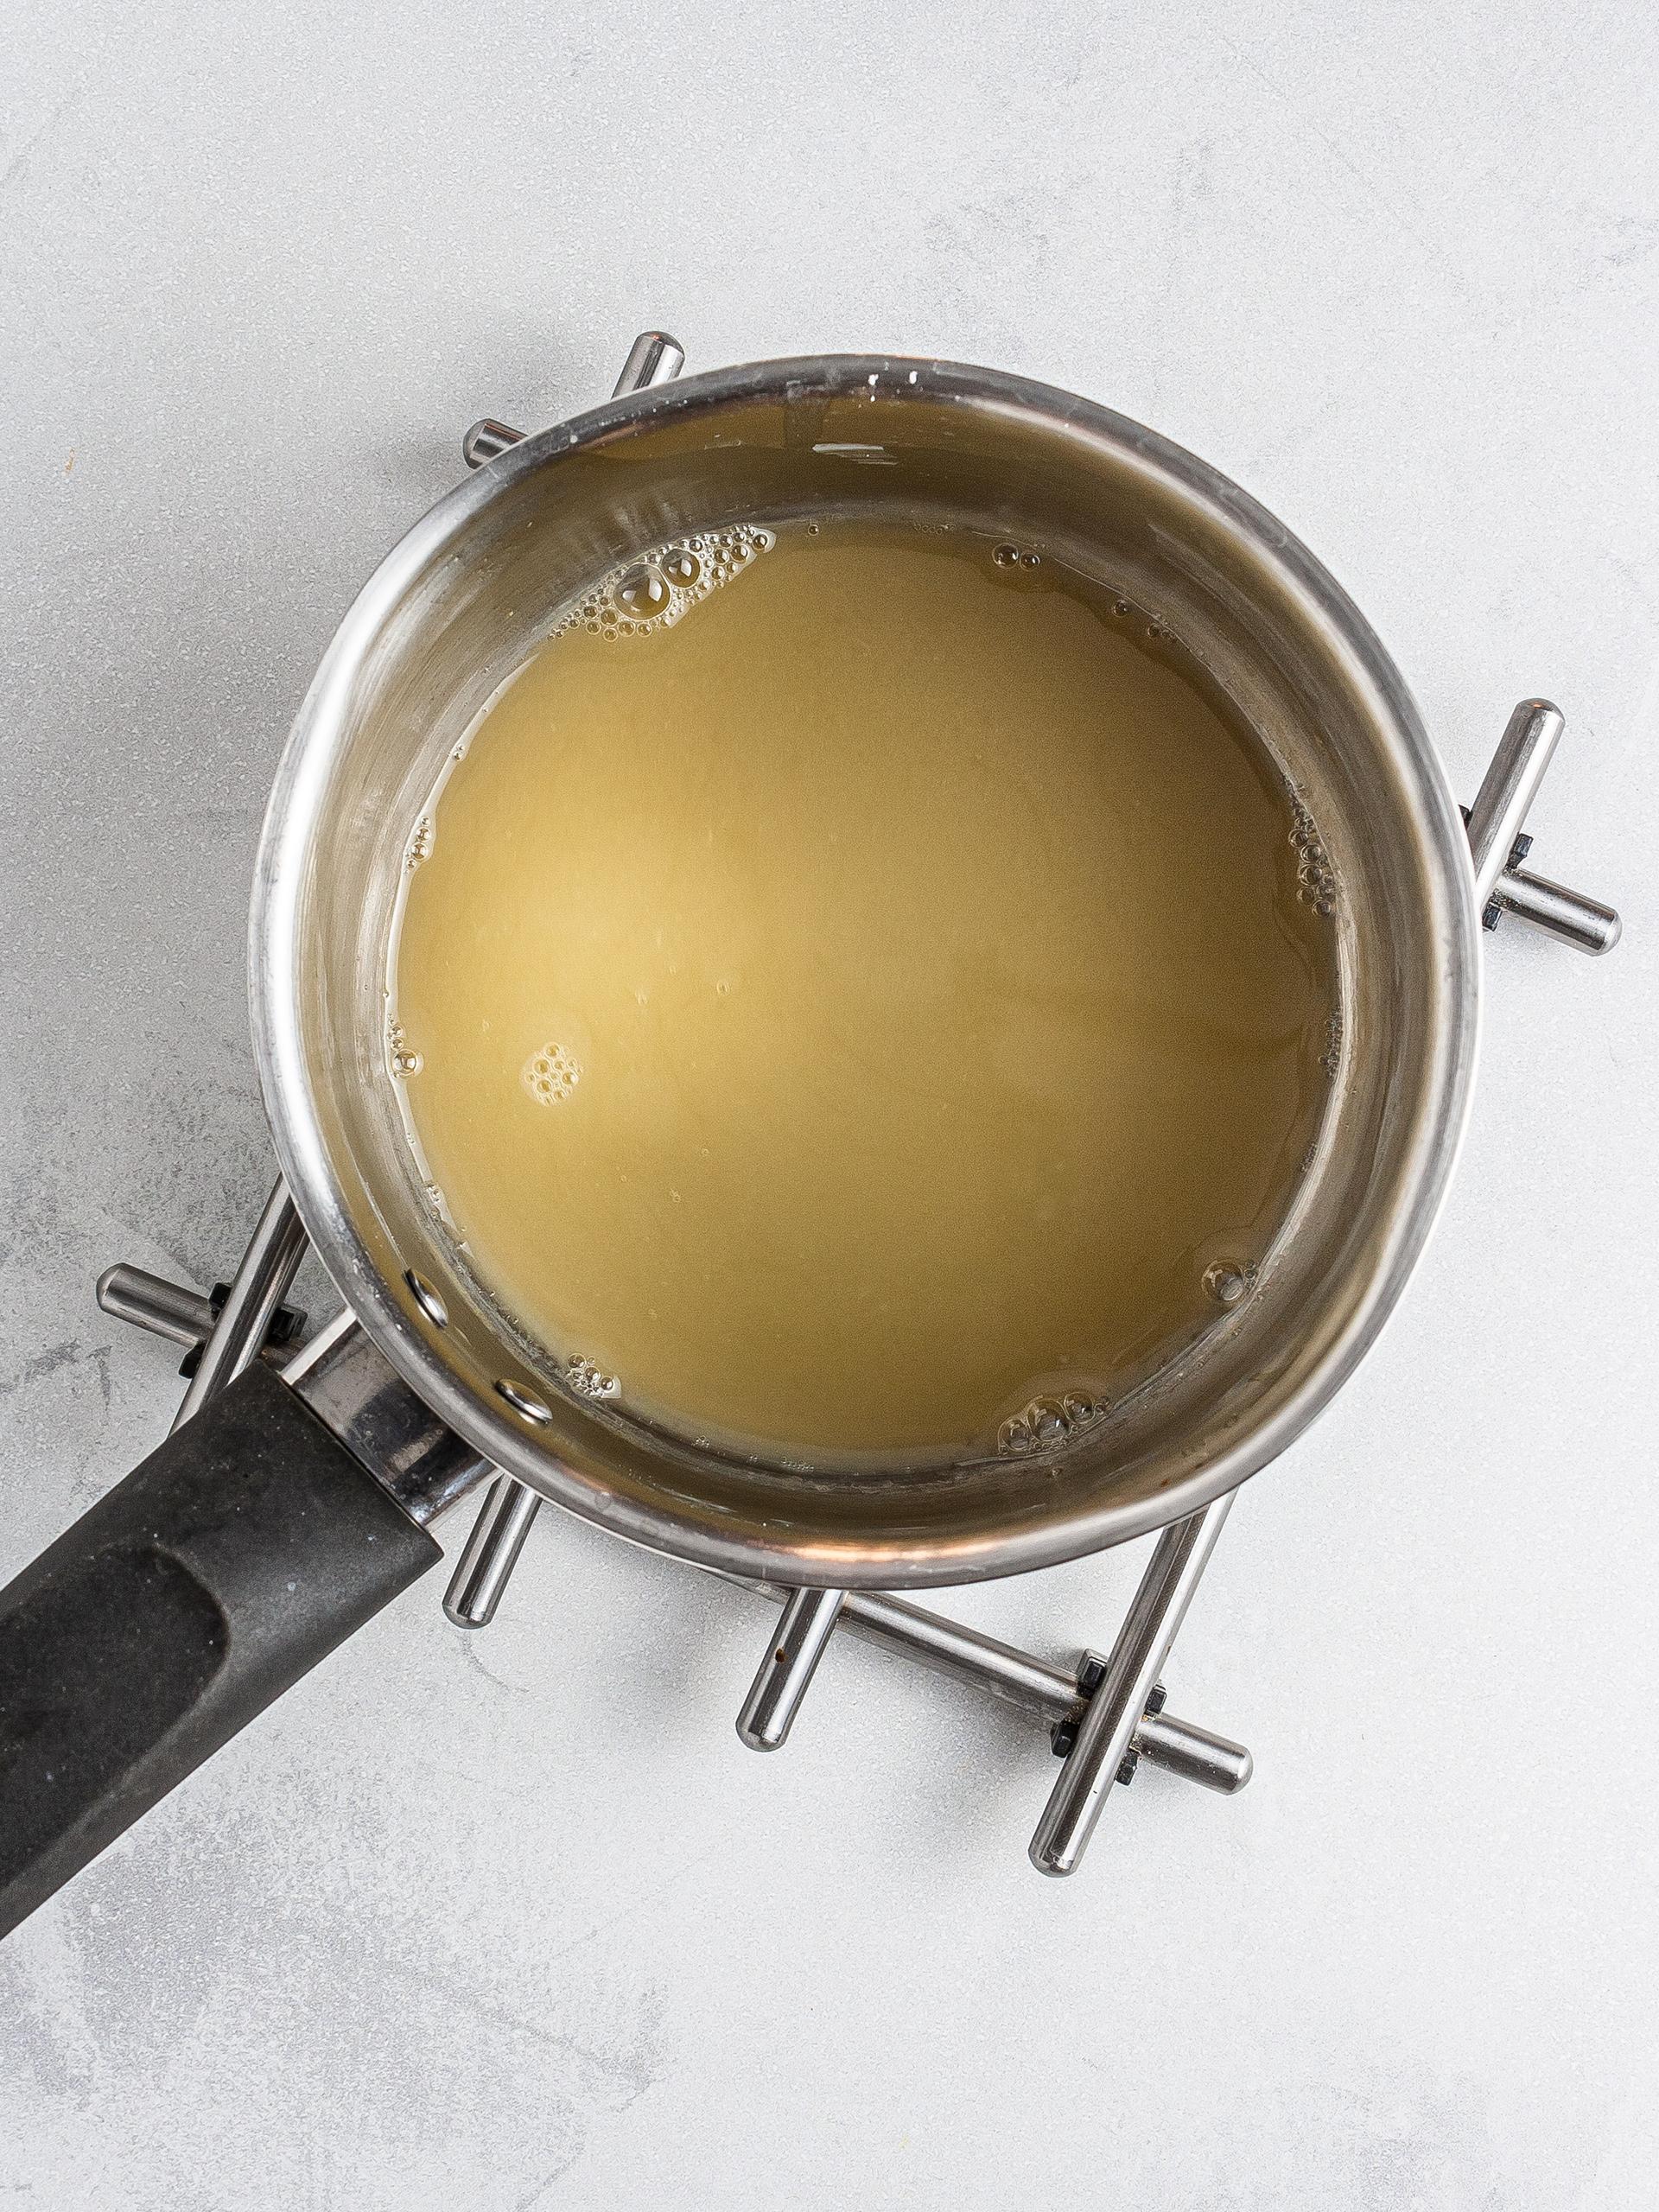 Cooked aquafaba